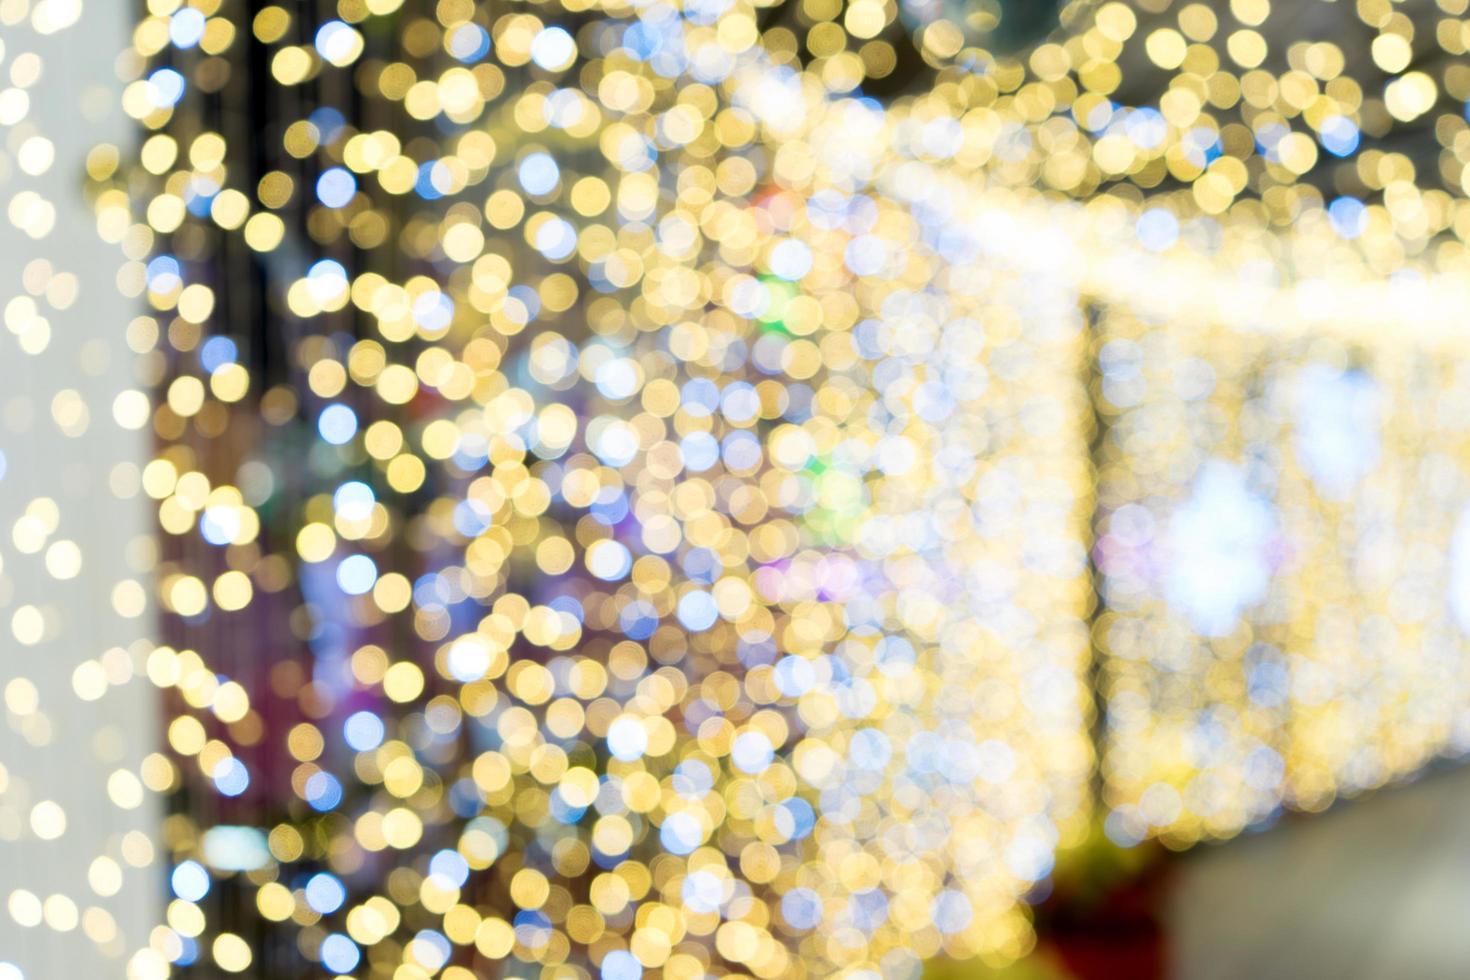 luces navideñas bokeh en la noche foto